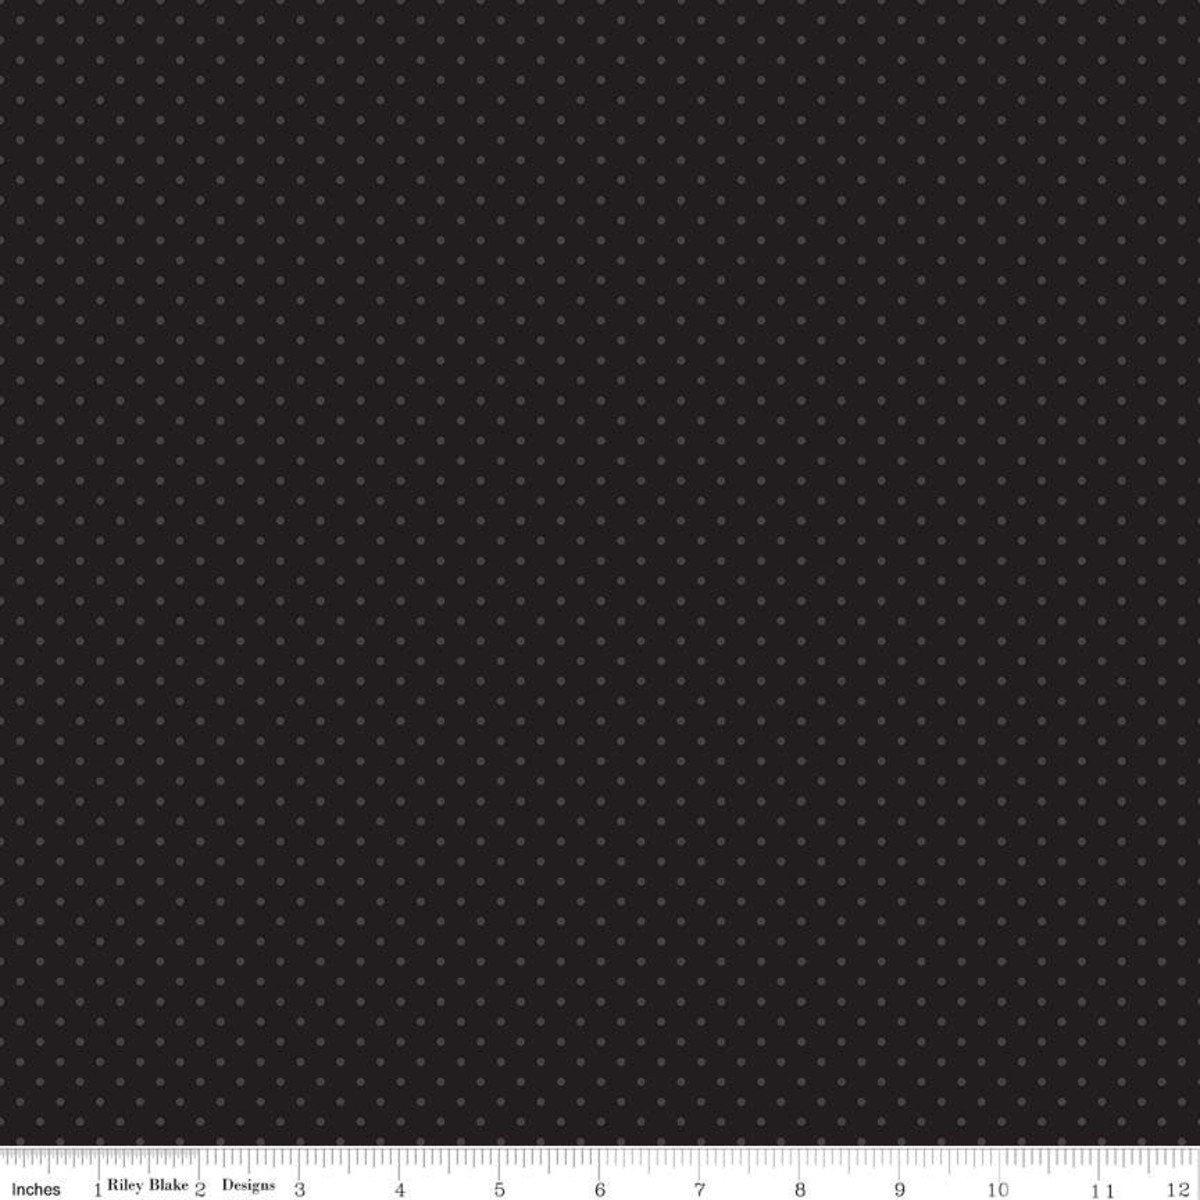 Black Swiss Dot C790-110 BLACK Cotton Basics by Riley Blake Designs